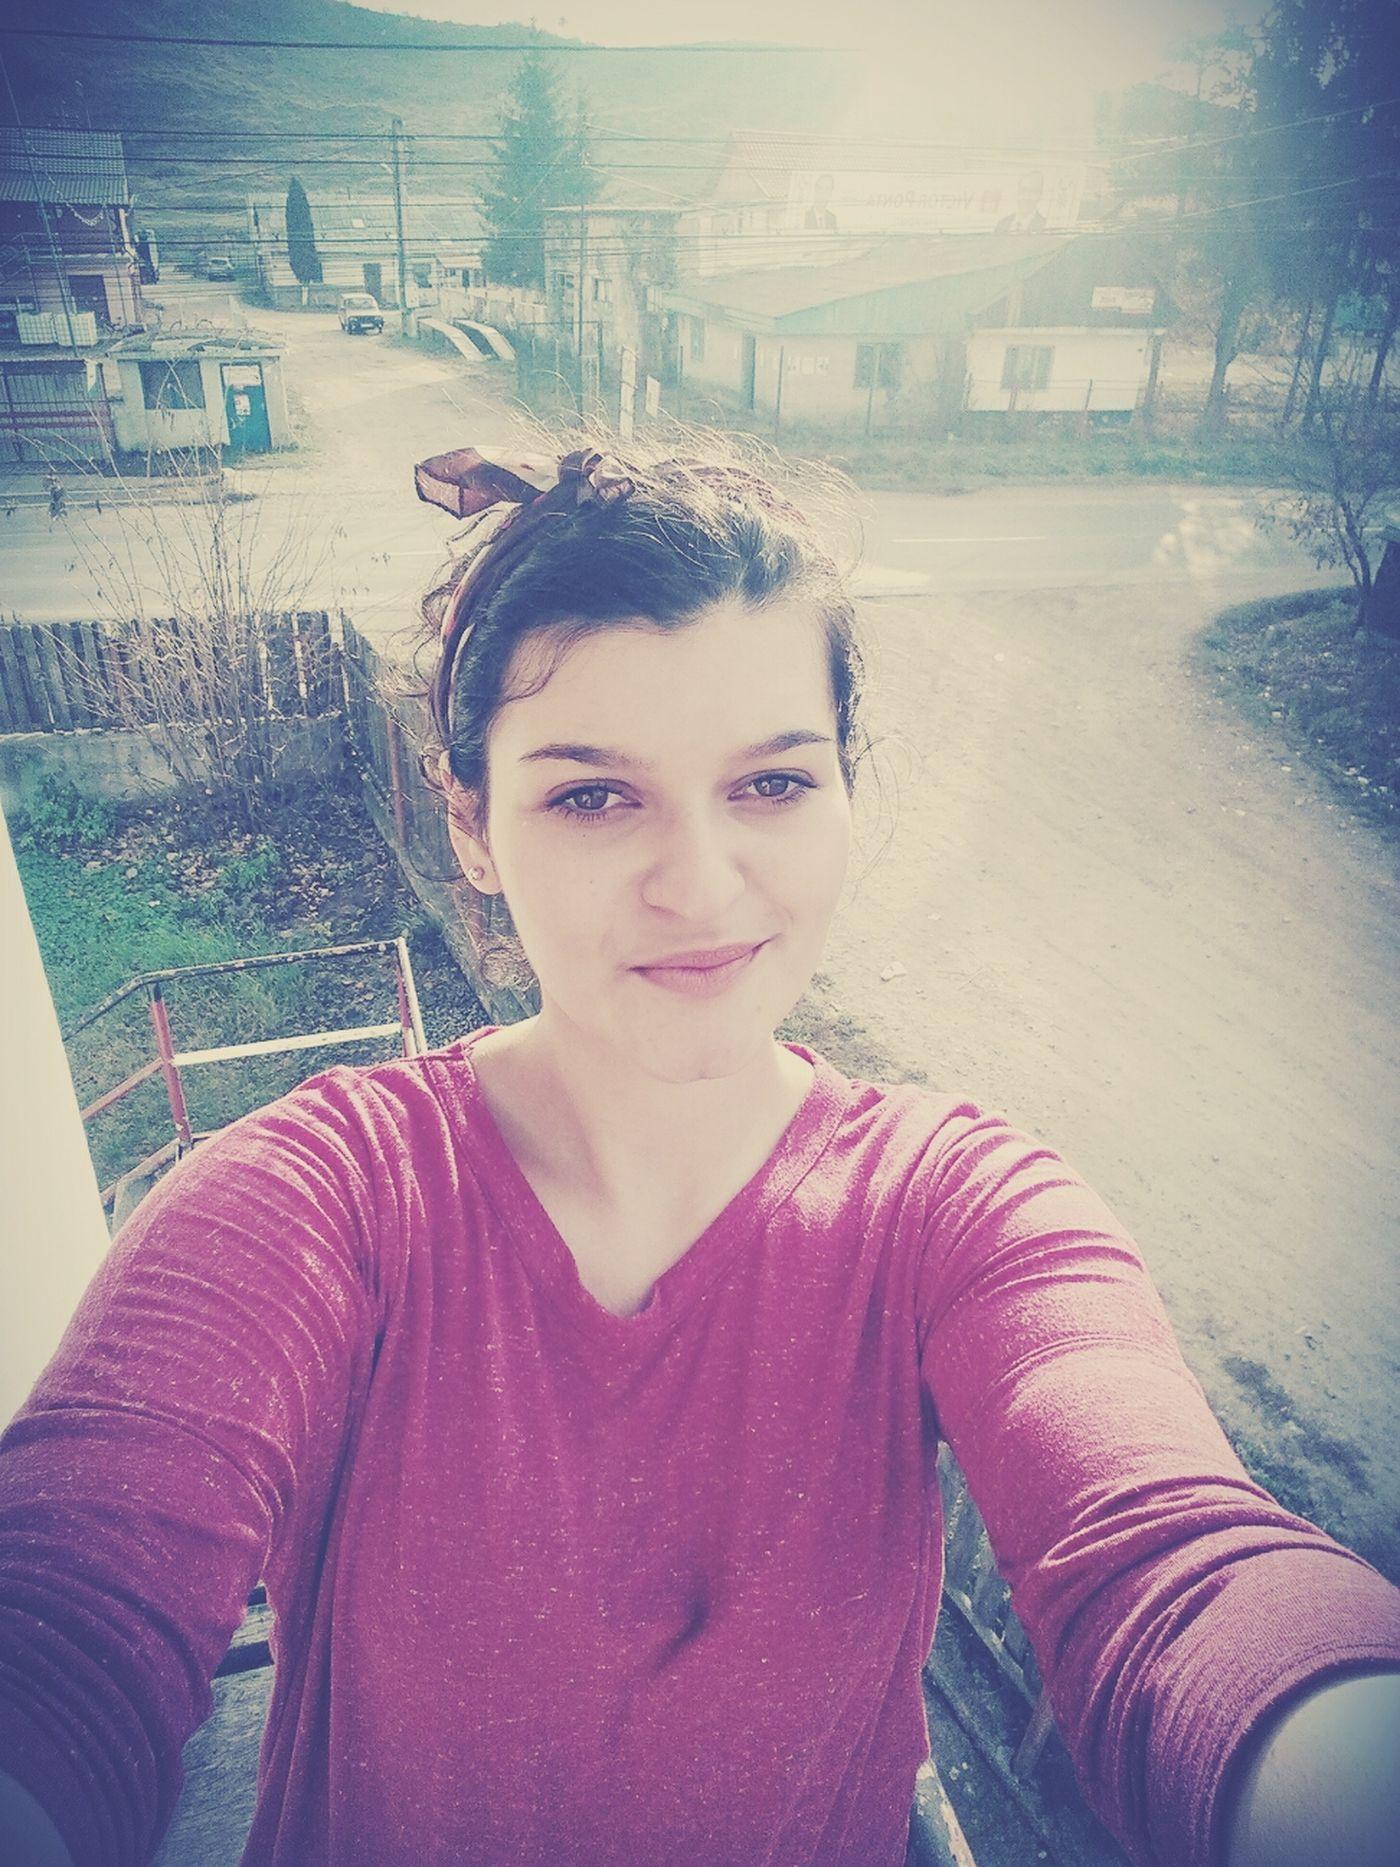 Miss sun ;) :D